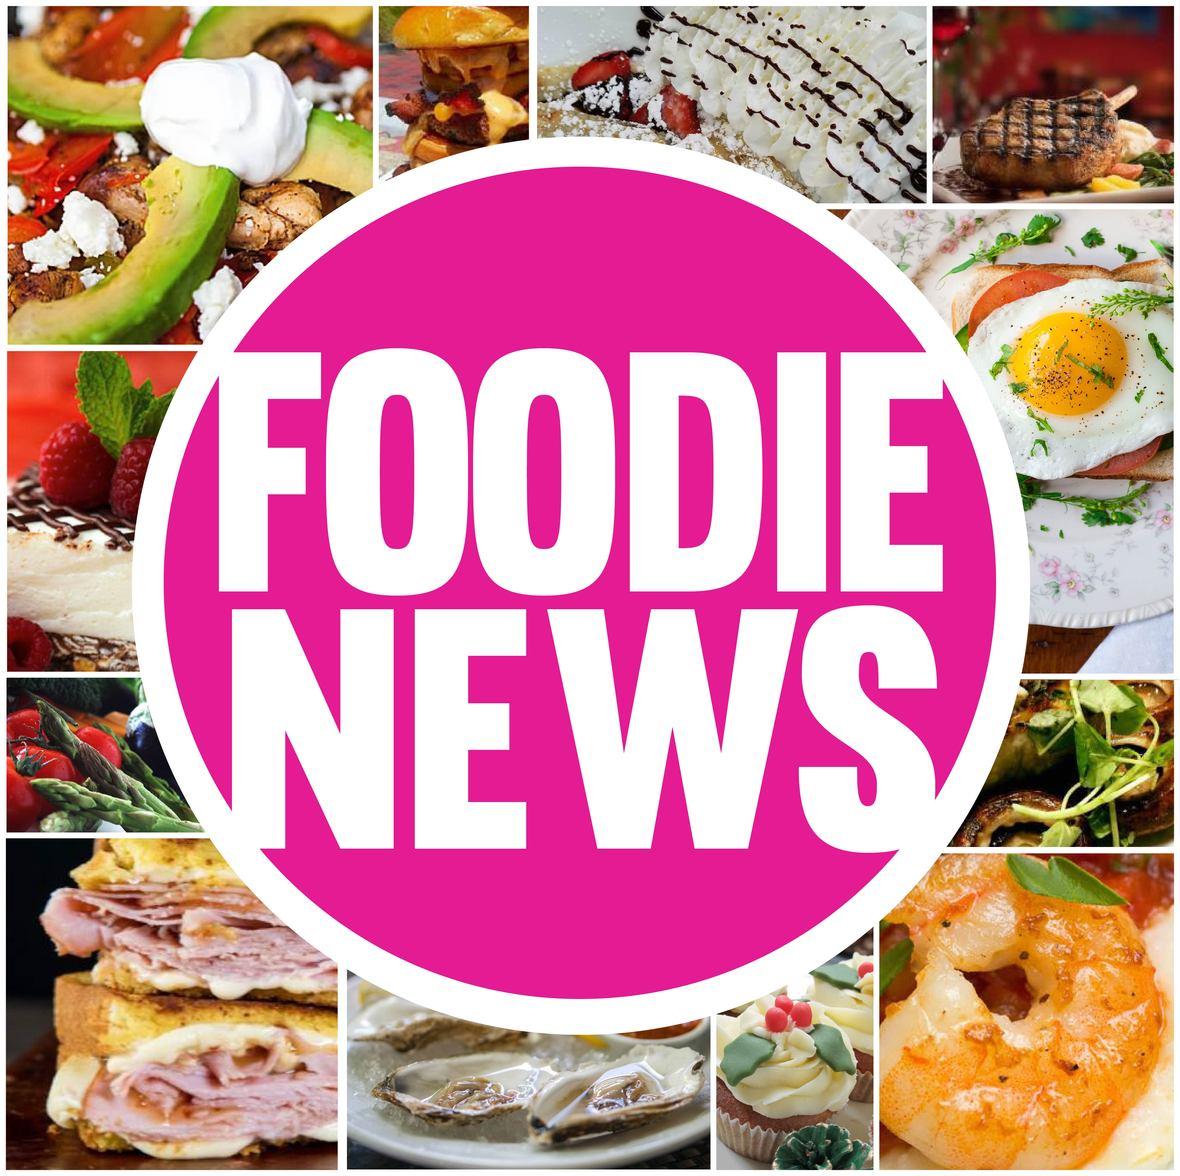 Foodie News Post